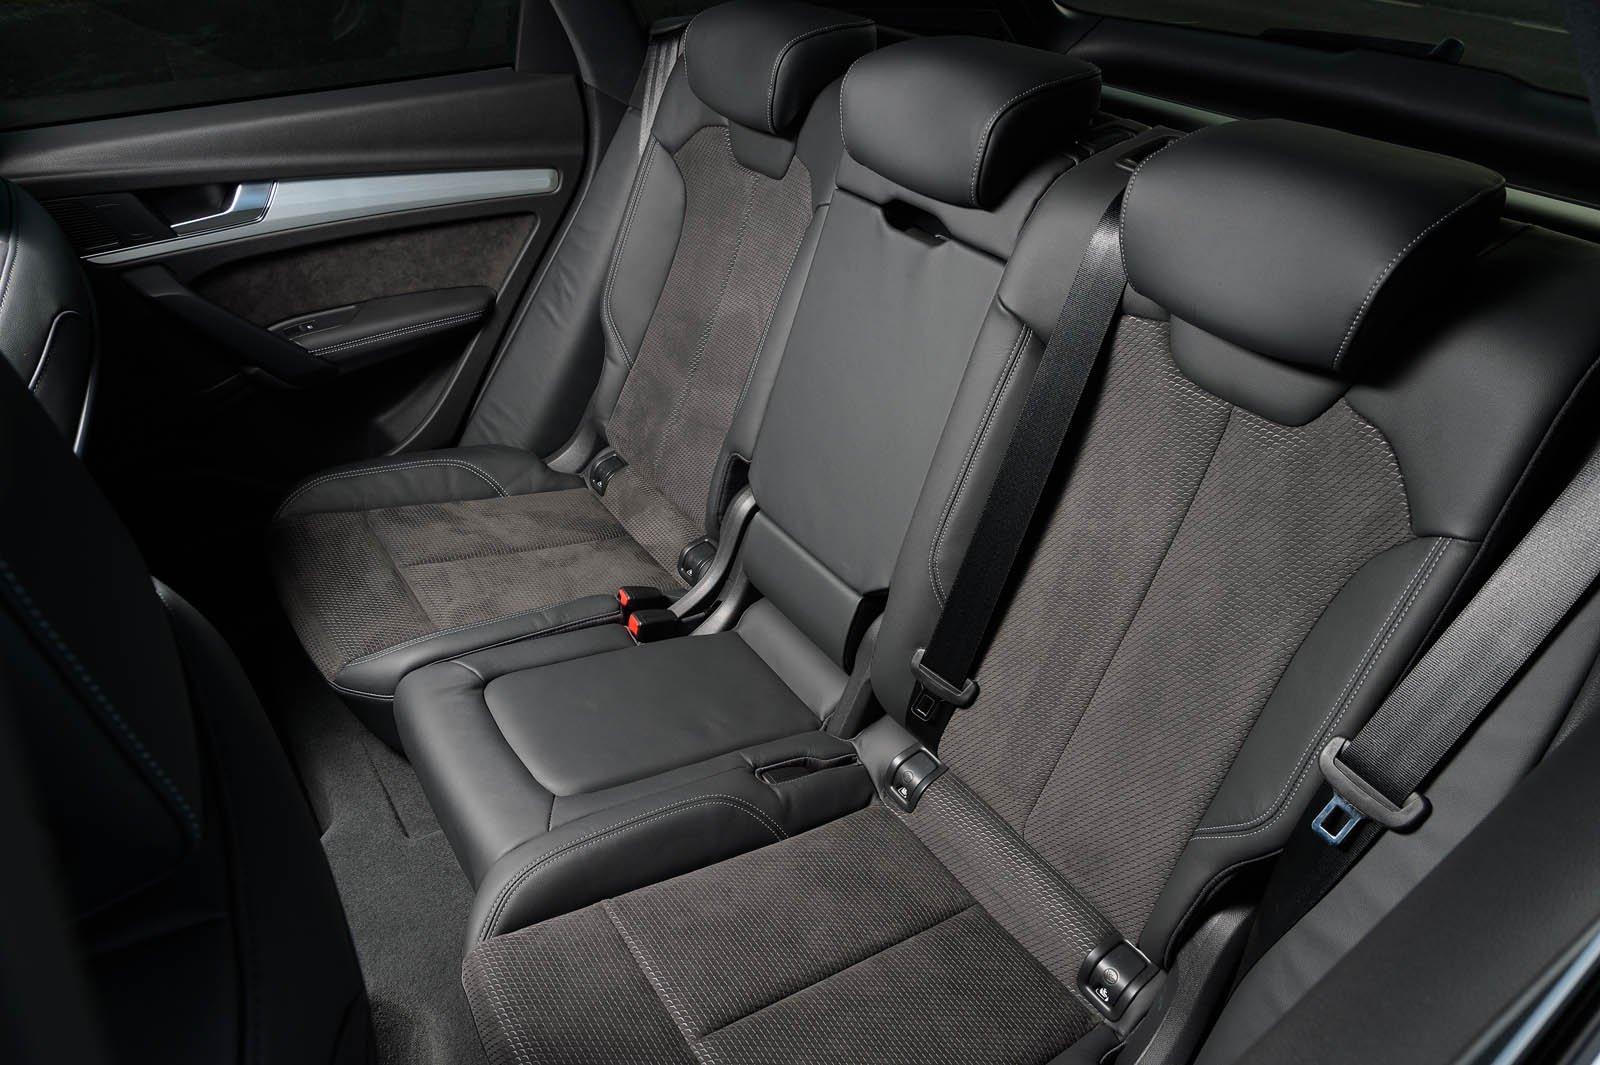 Audi Q5 2019 rear seats